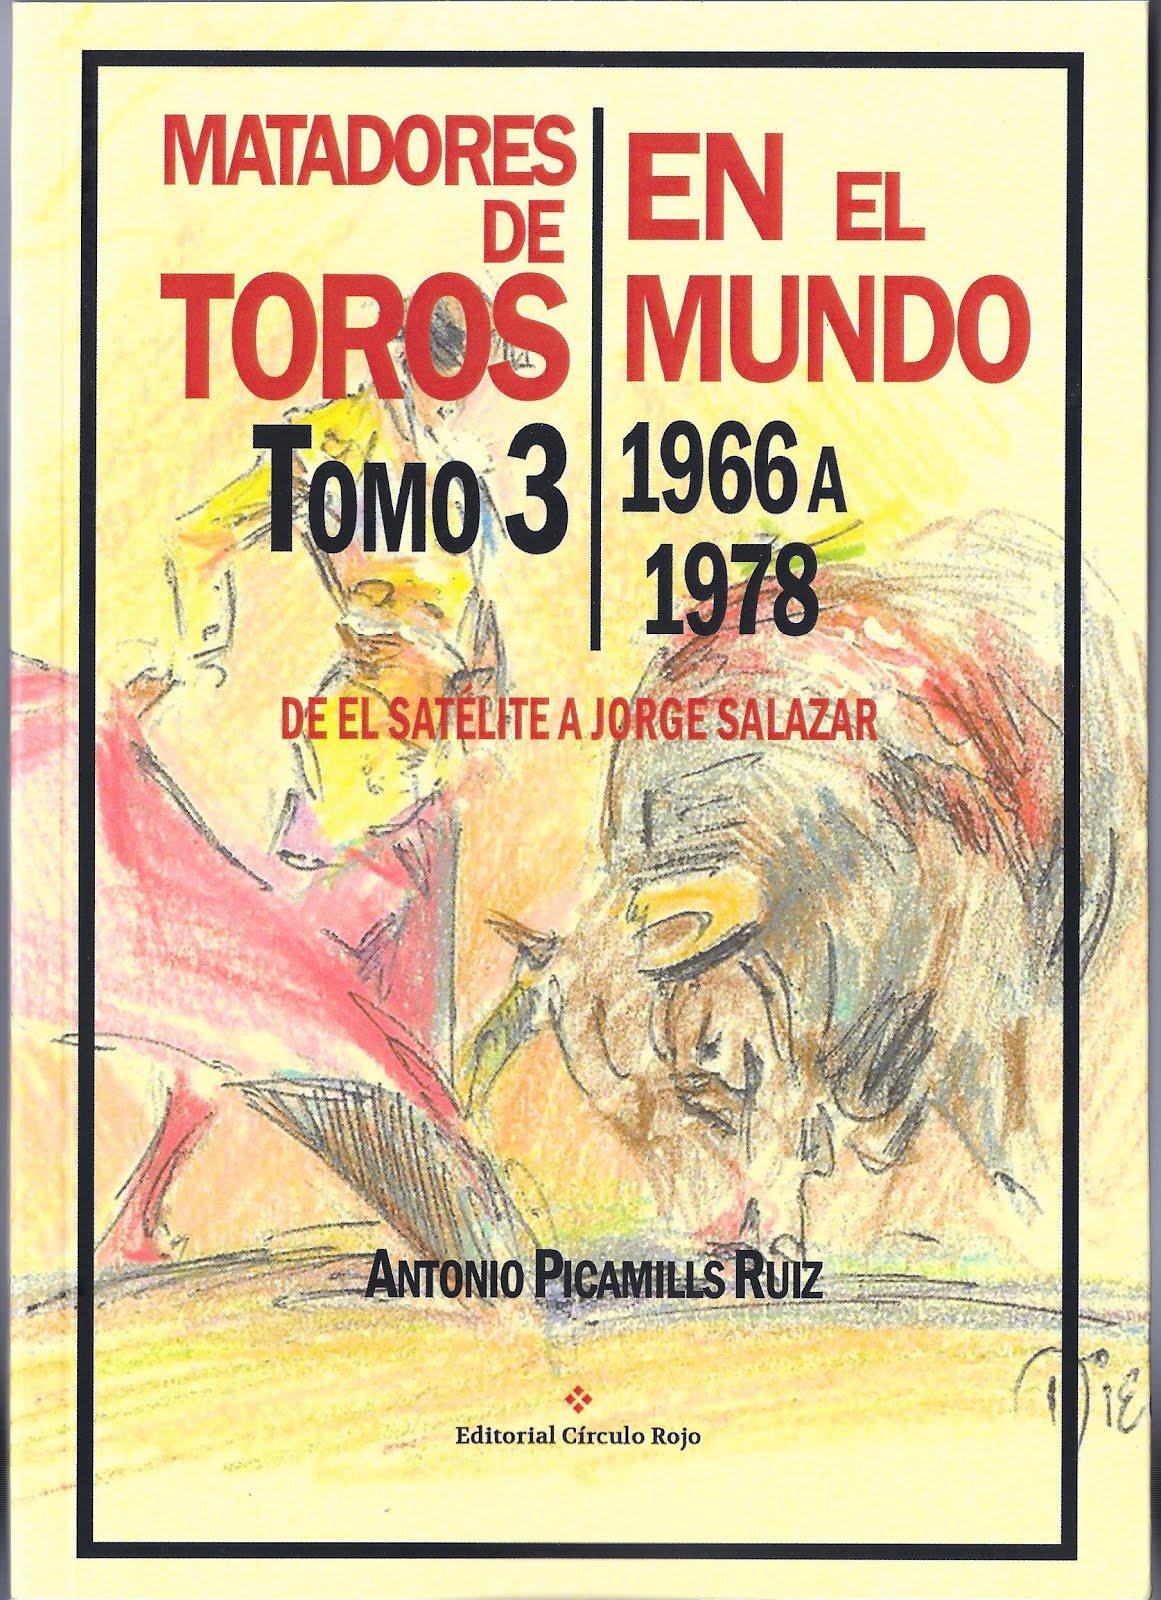 MATADORES DE TOROS EN EL MUNDO. Tomo 3